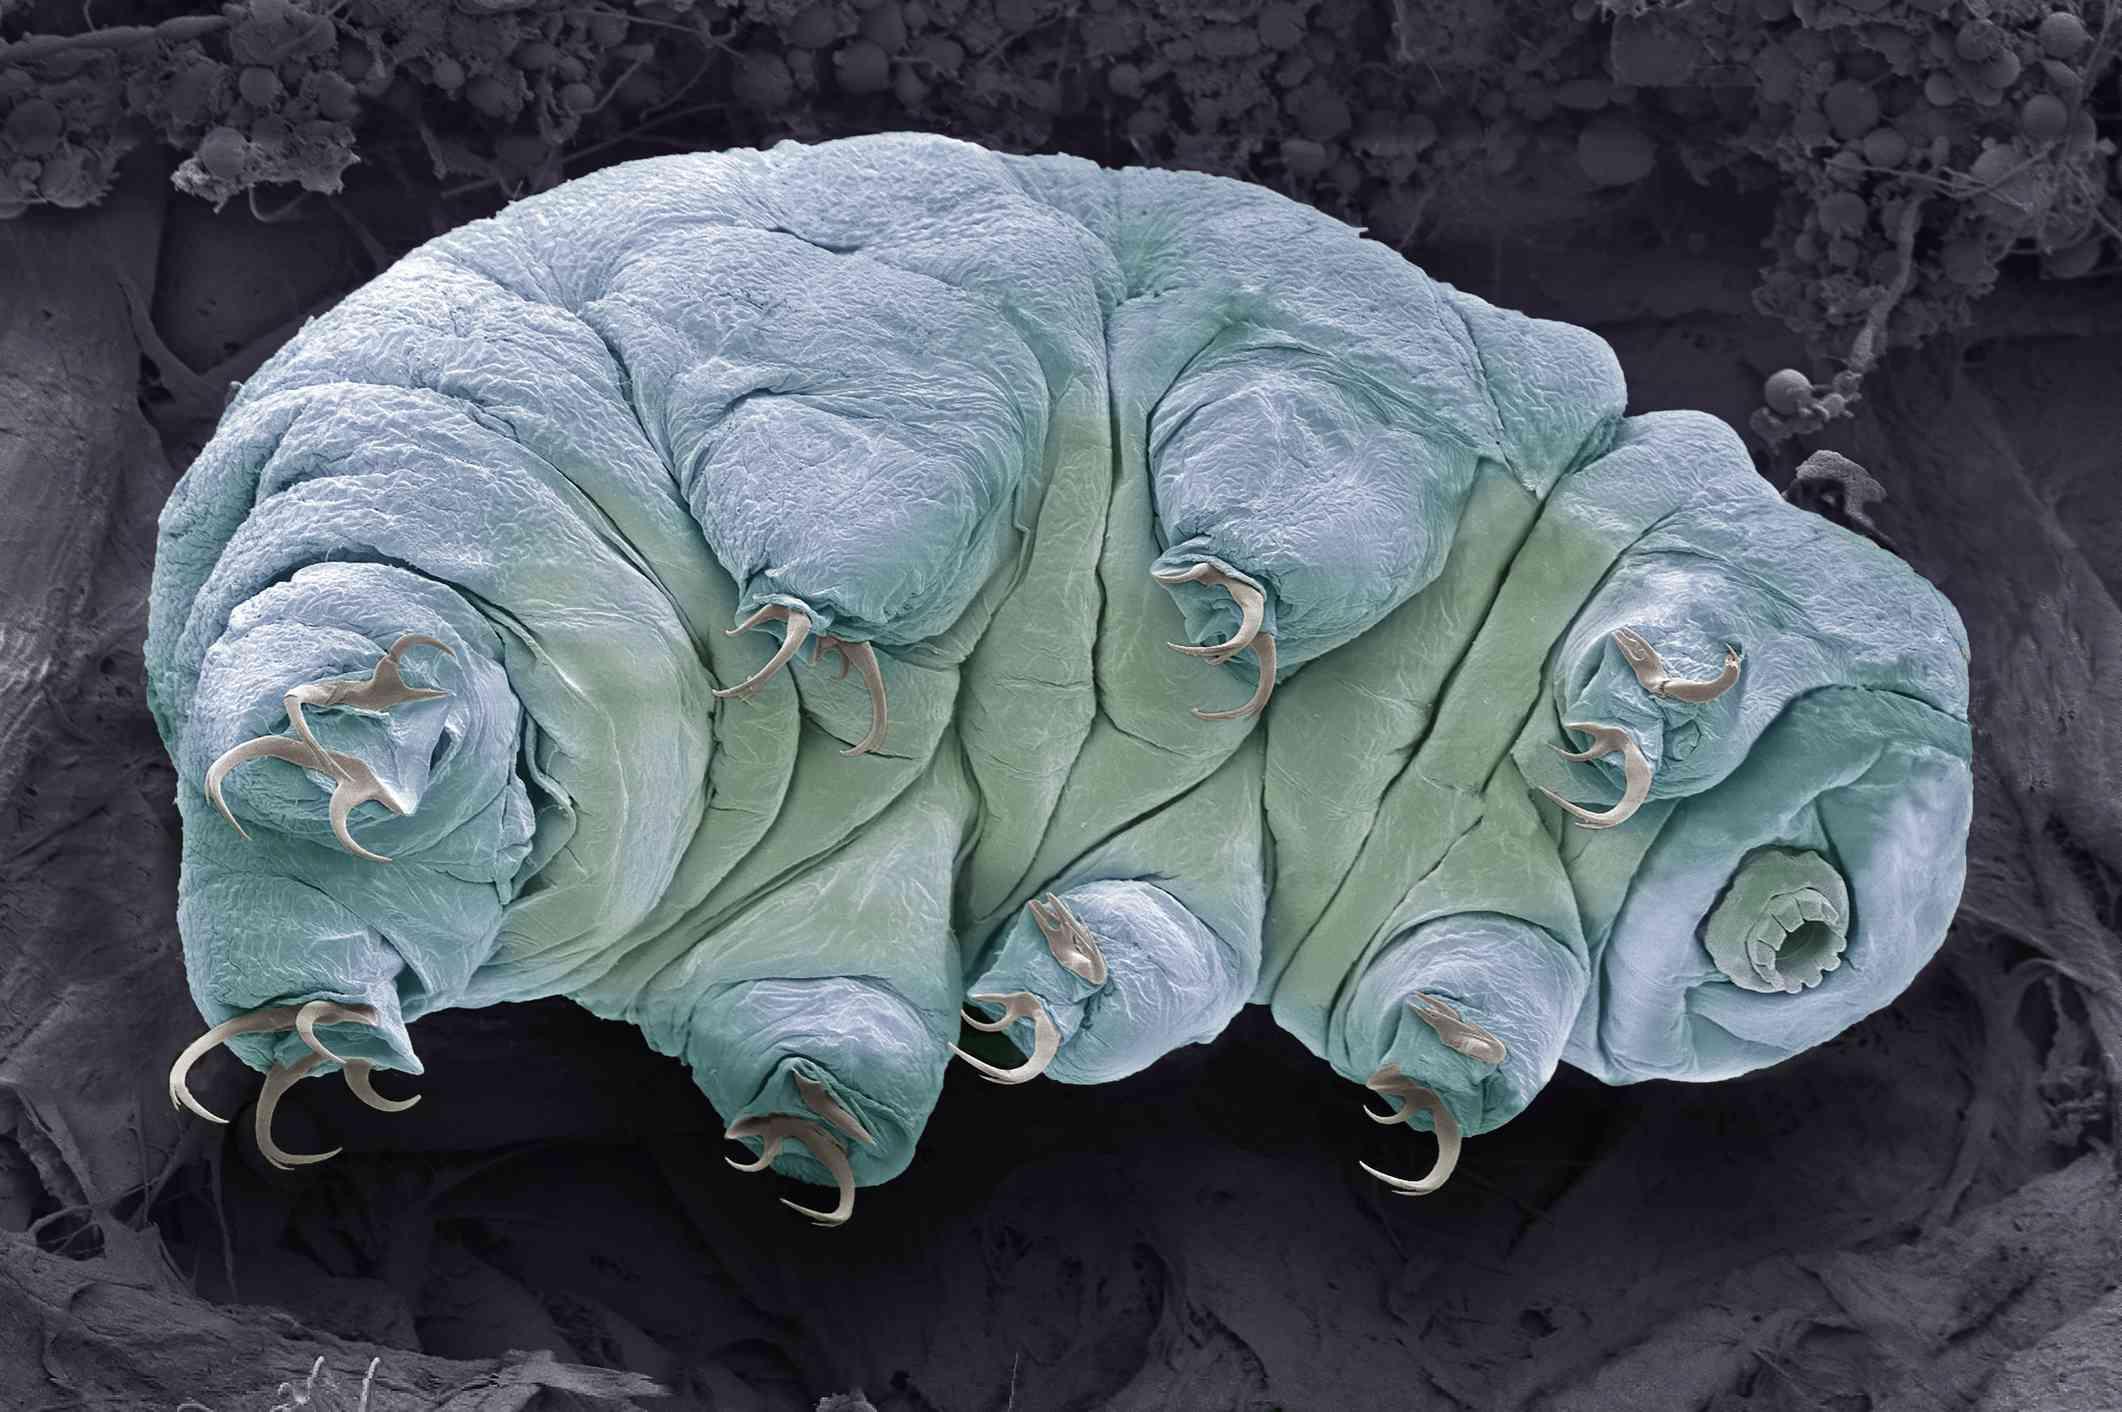 SEM of a tardigrade